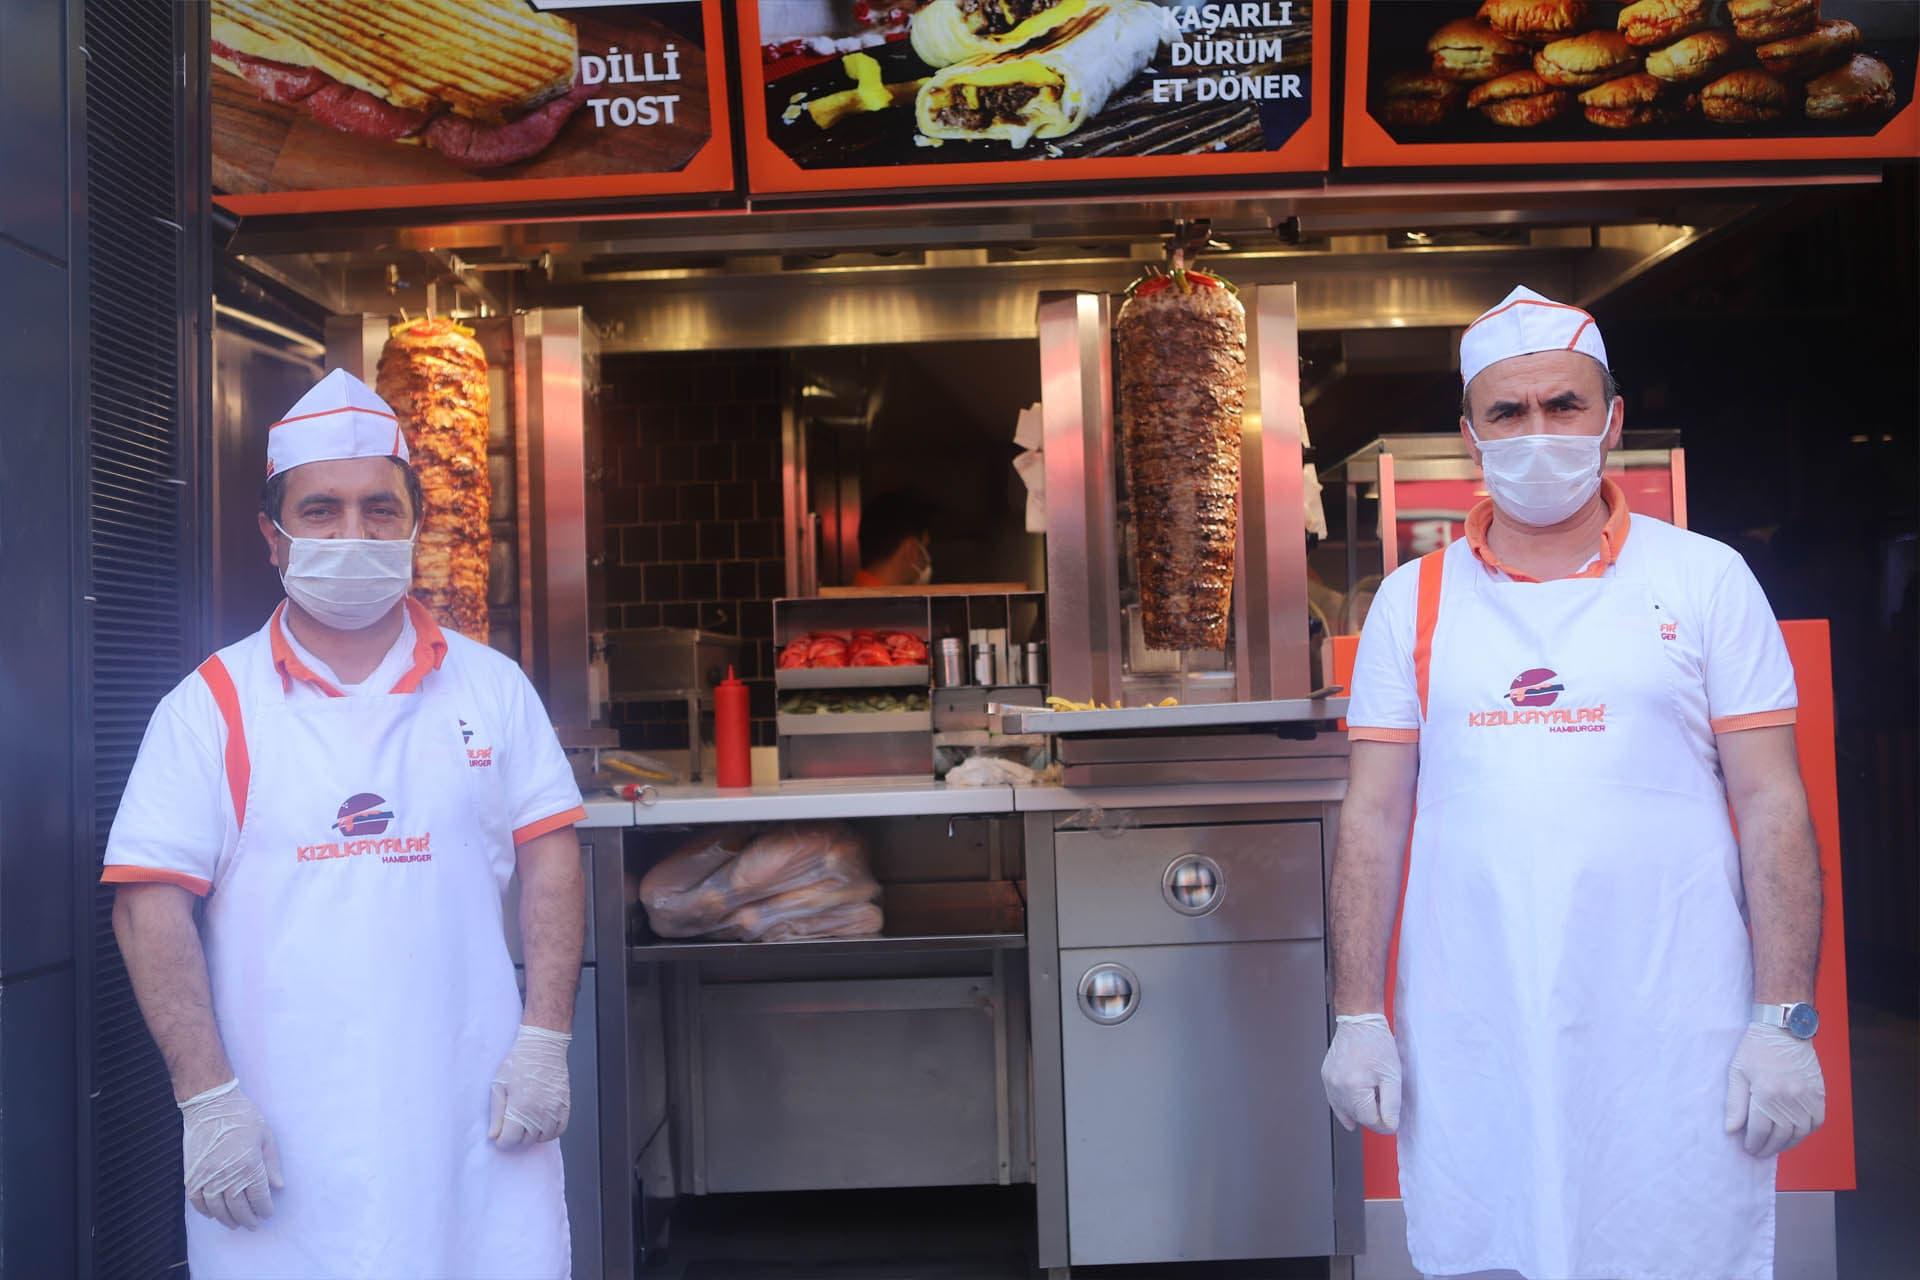 Kızılkayalar Hamburger'in şubeleri nerede?